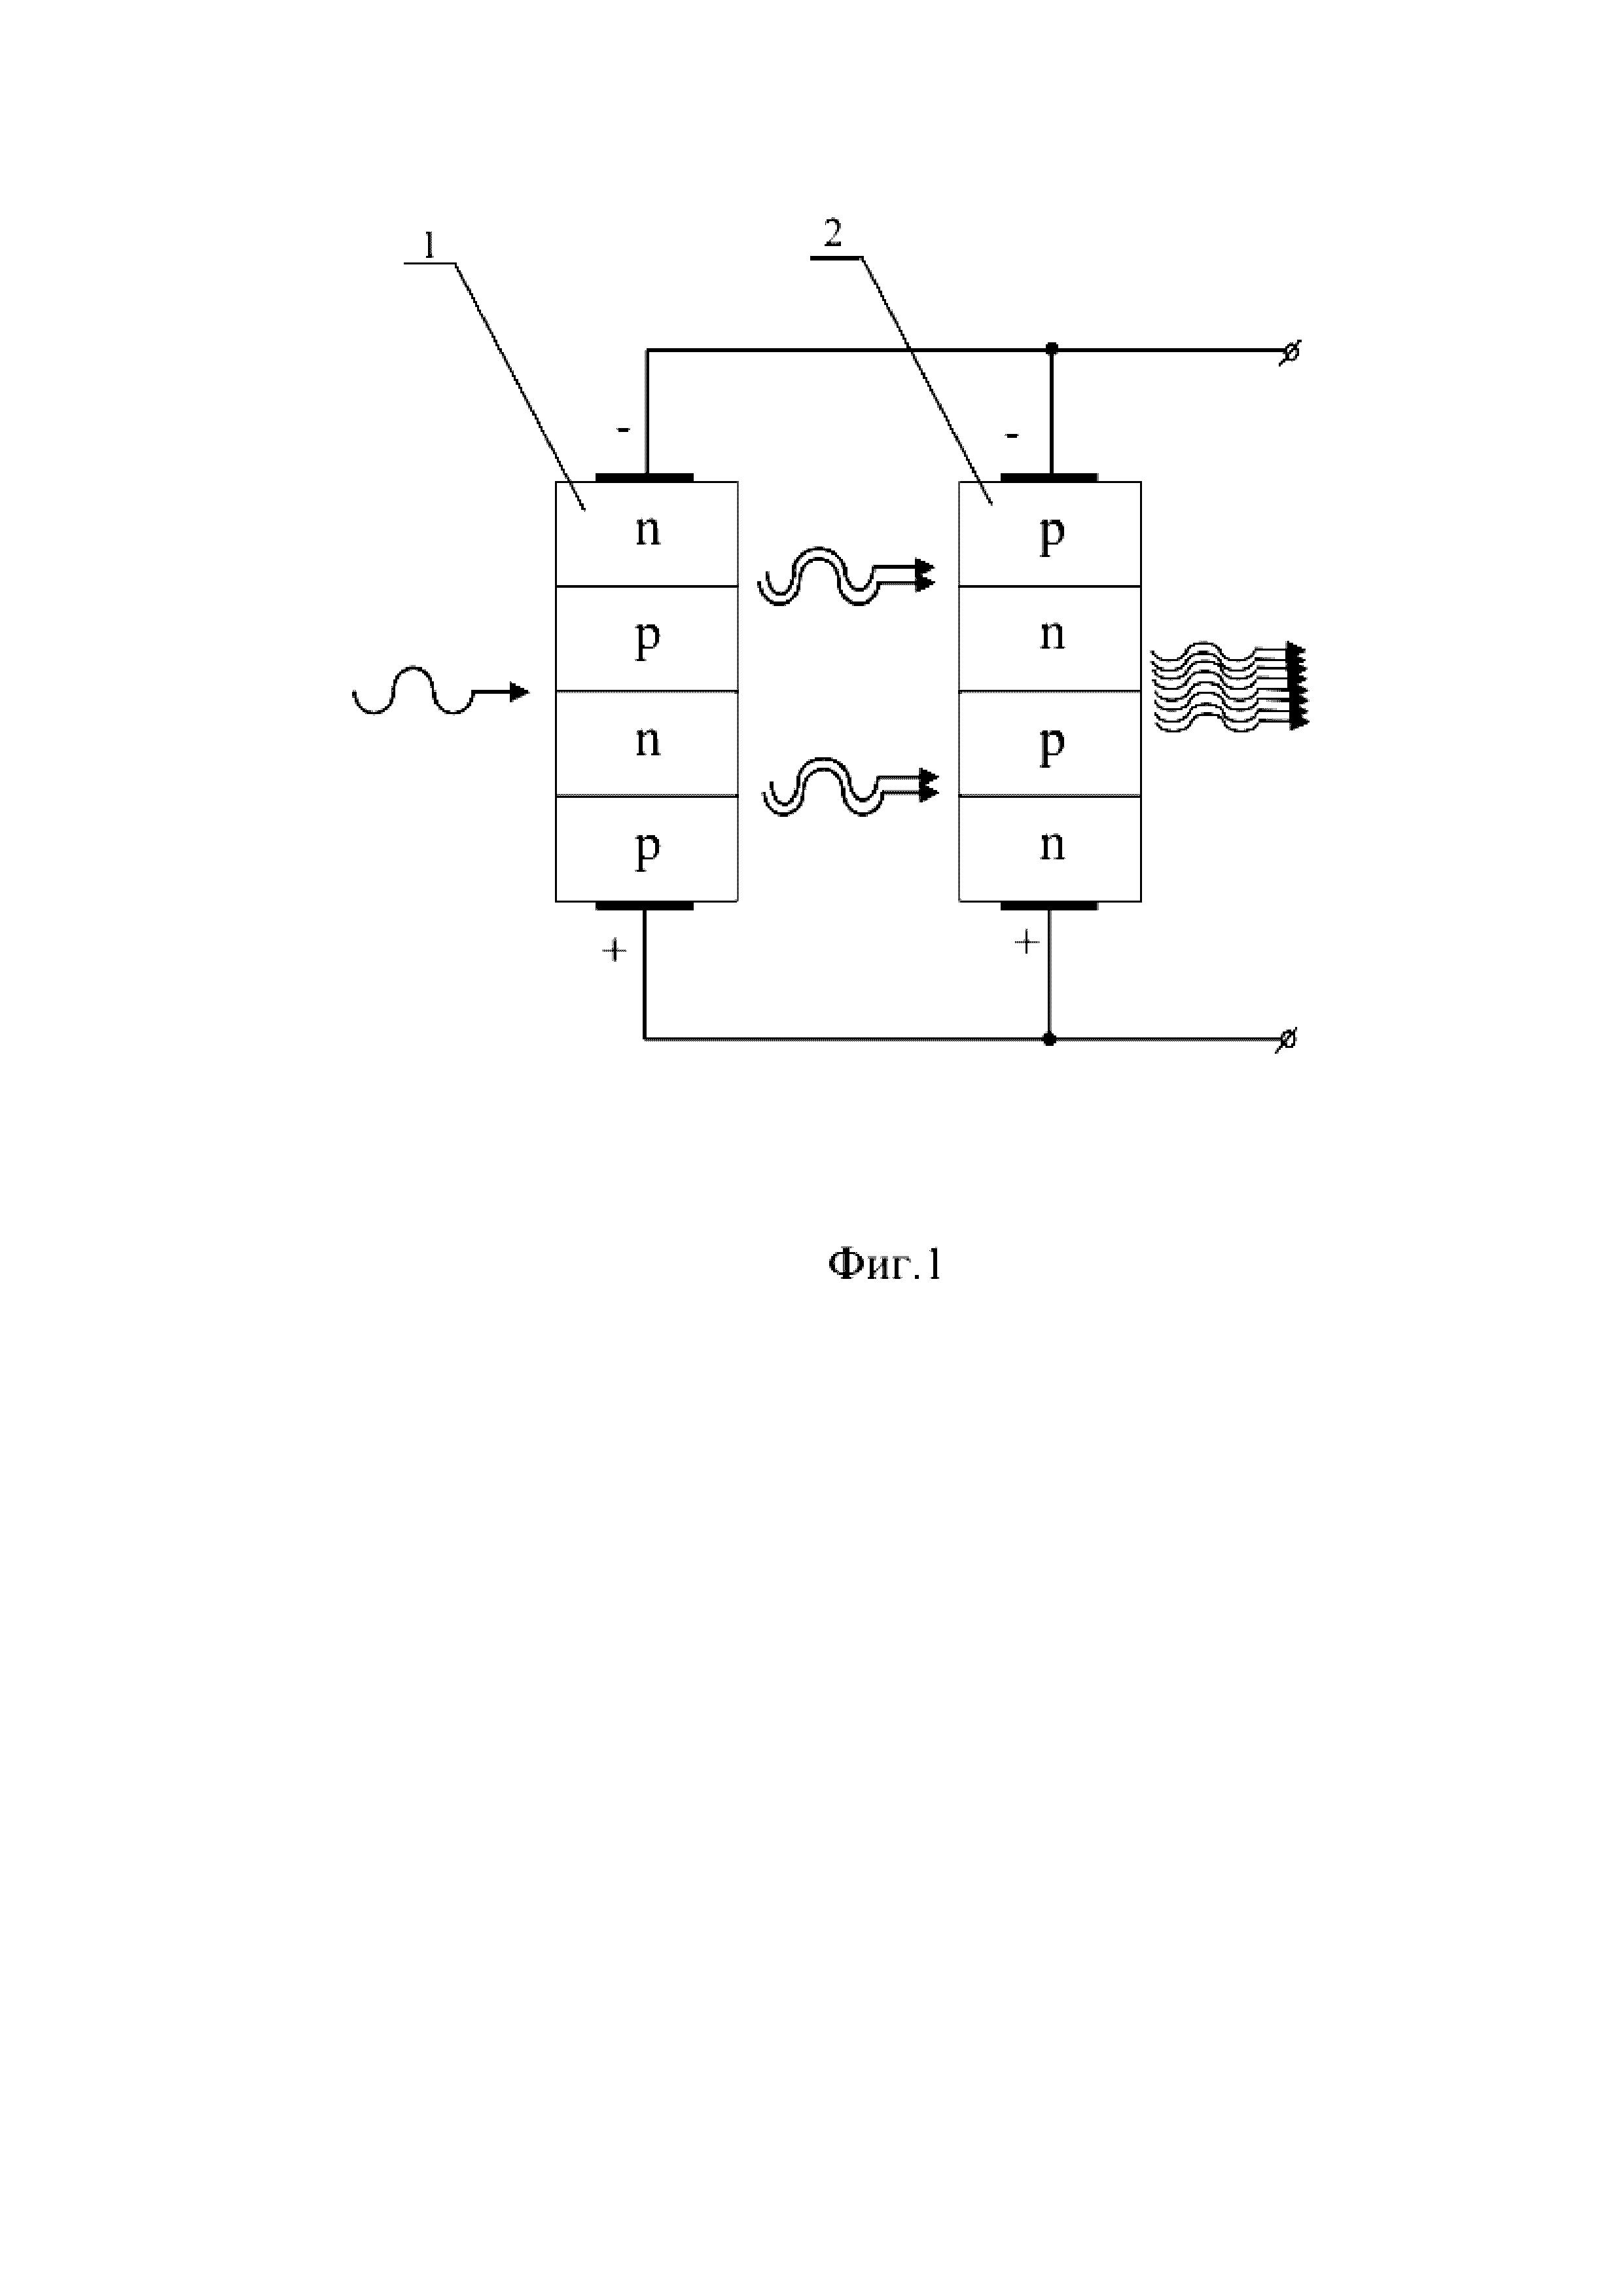 Полупроводниковое устройство усиления потока фотонов с фоточувствительными и светоизлучающими p-n-переходами